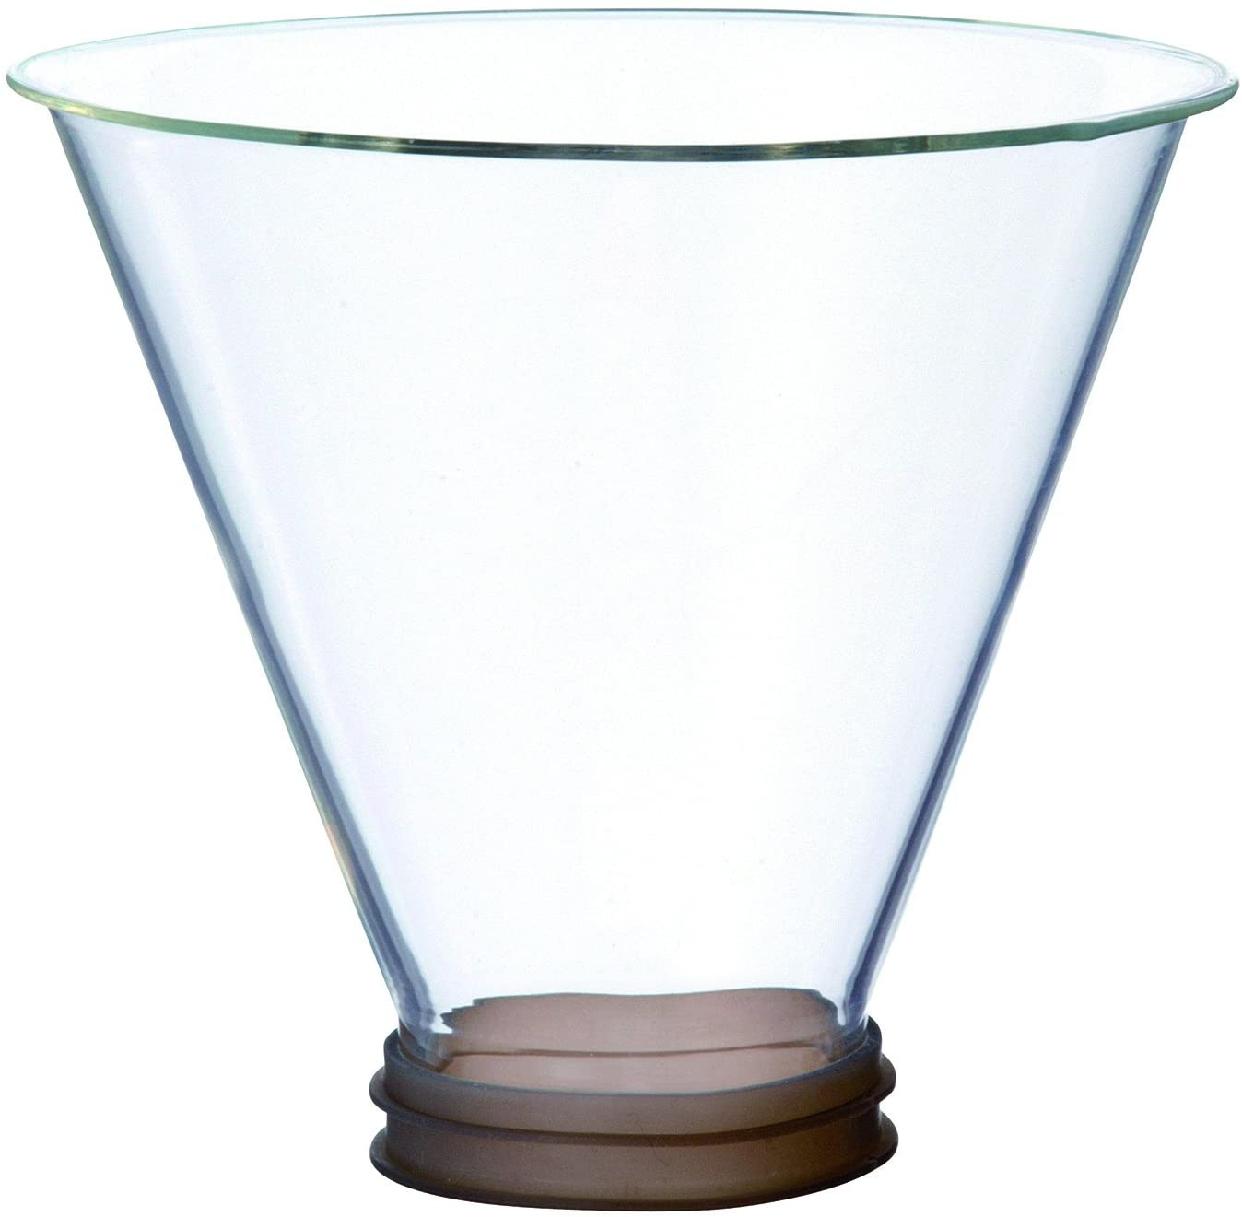 KINTO(キントー) CARAT ドリッパー&ポット 4cups 21678の商品画像2